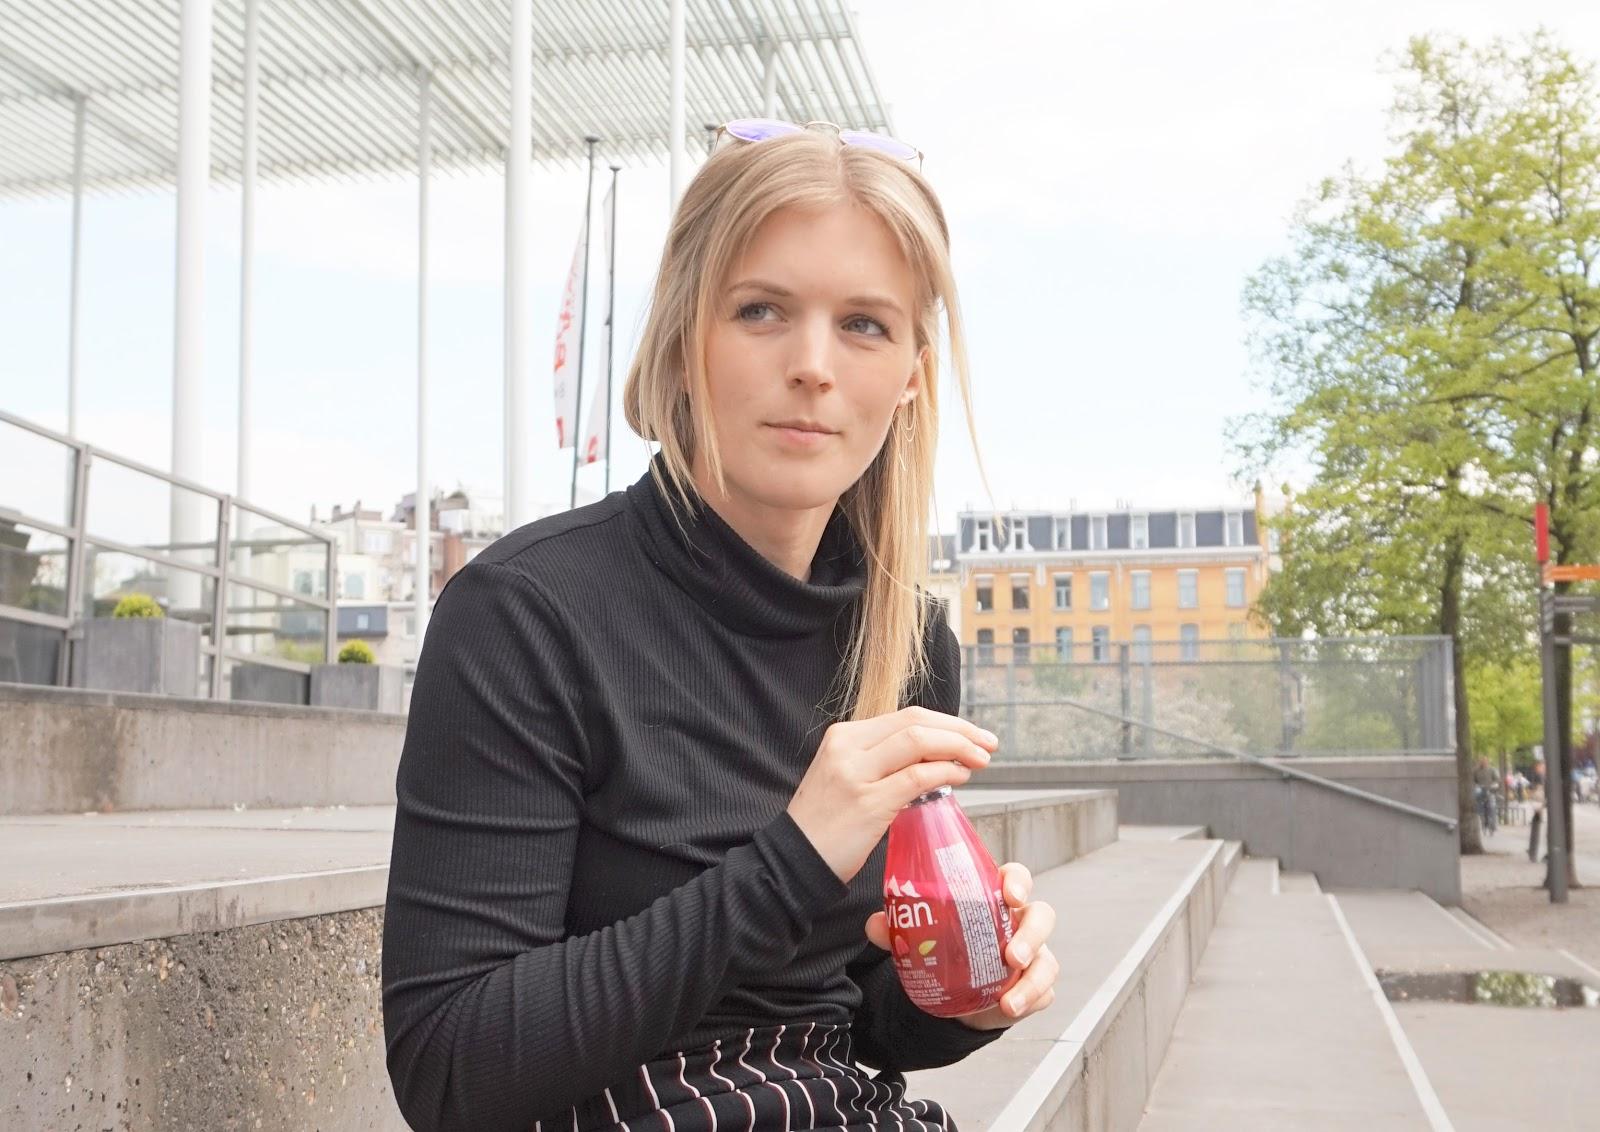 DSC05823 | Eline Van Dingenen